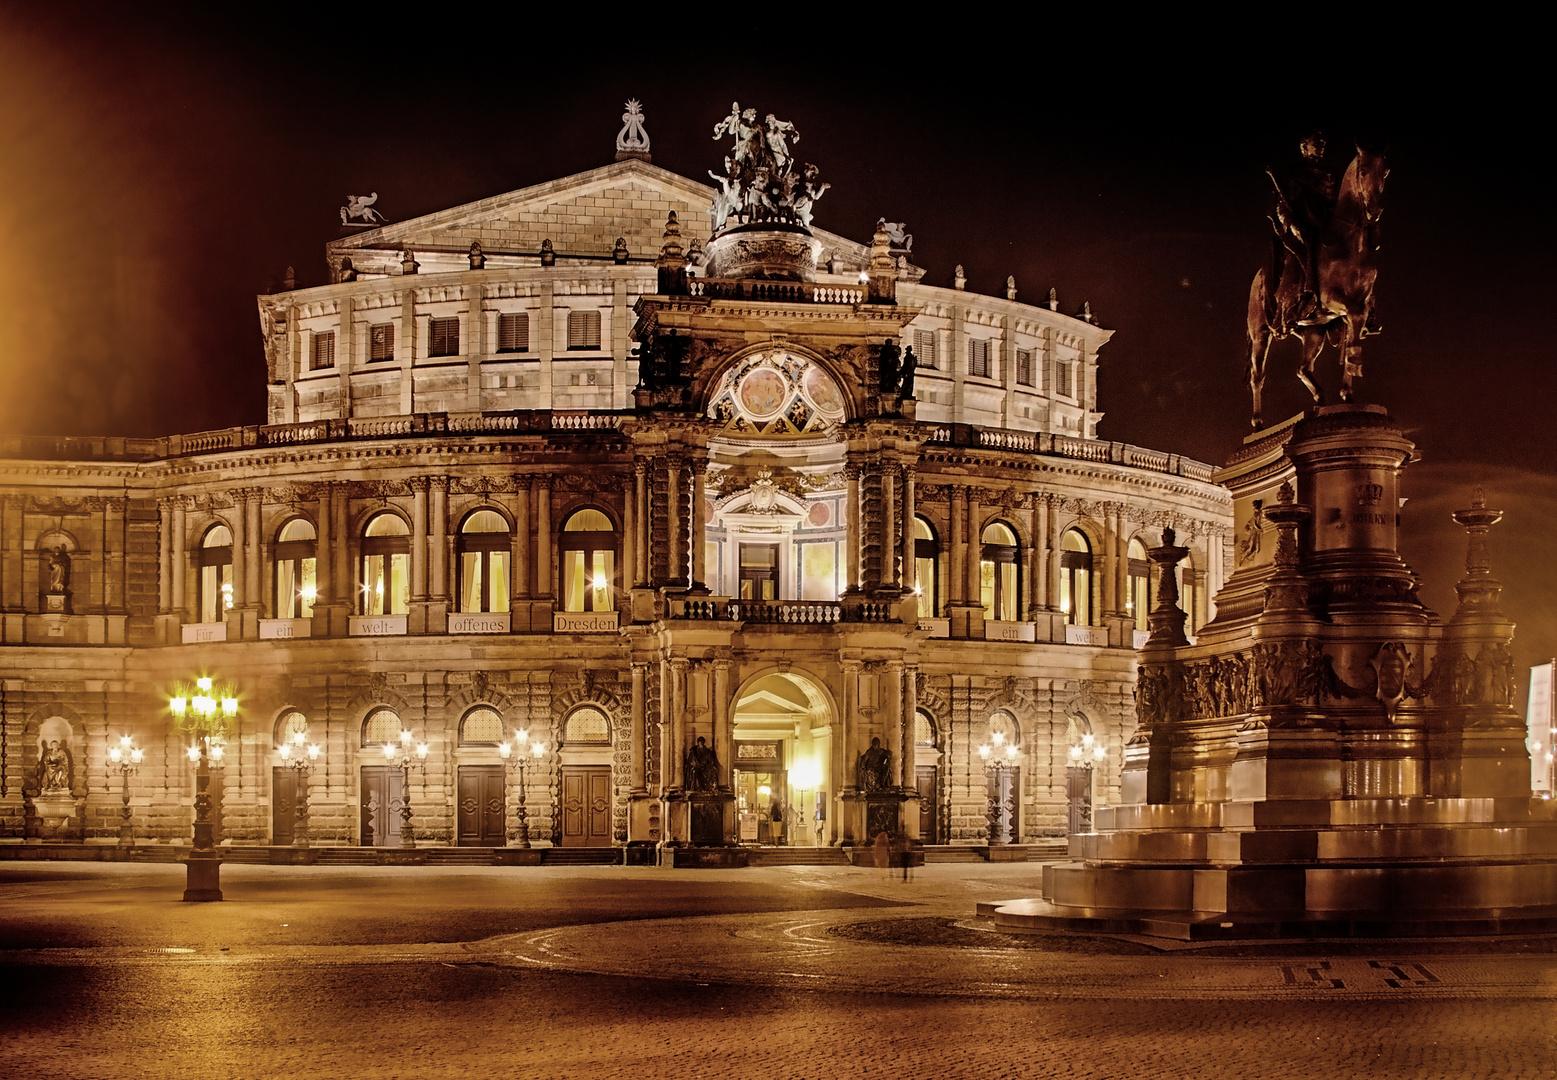 Die bekannte Oper! Manche denken es sei die Brauerei von Radeberger! ;-)